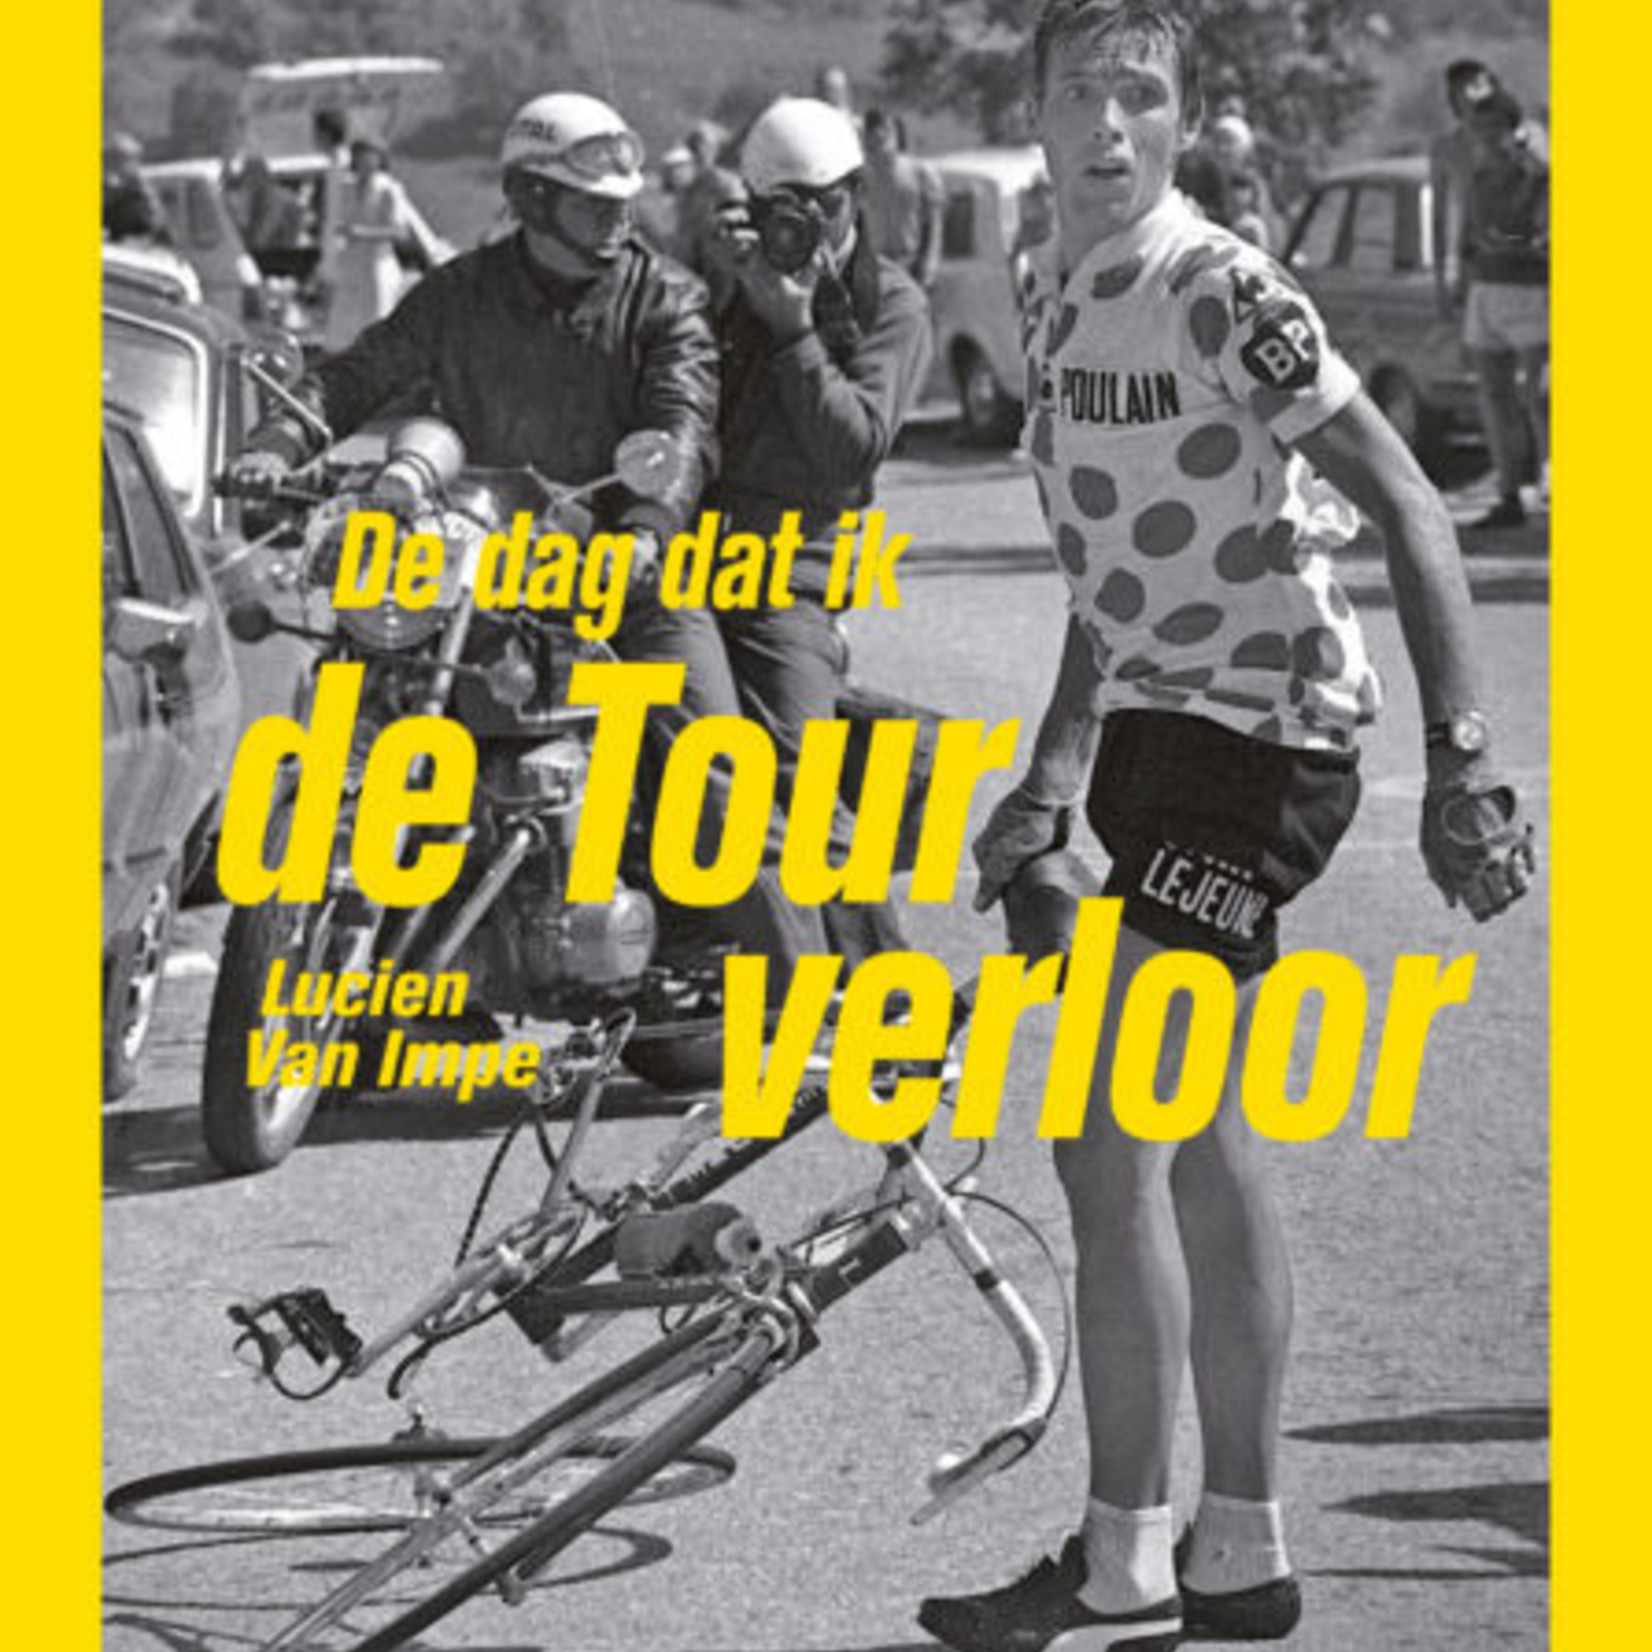 Boek 'De dag dat ik de tour verloor'